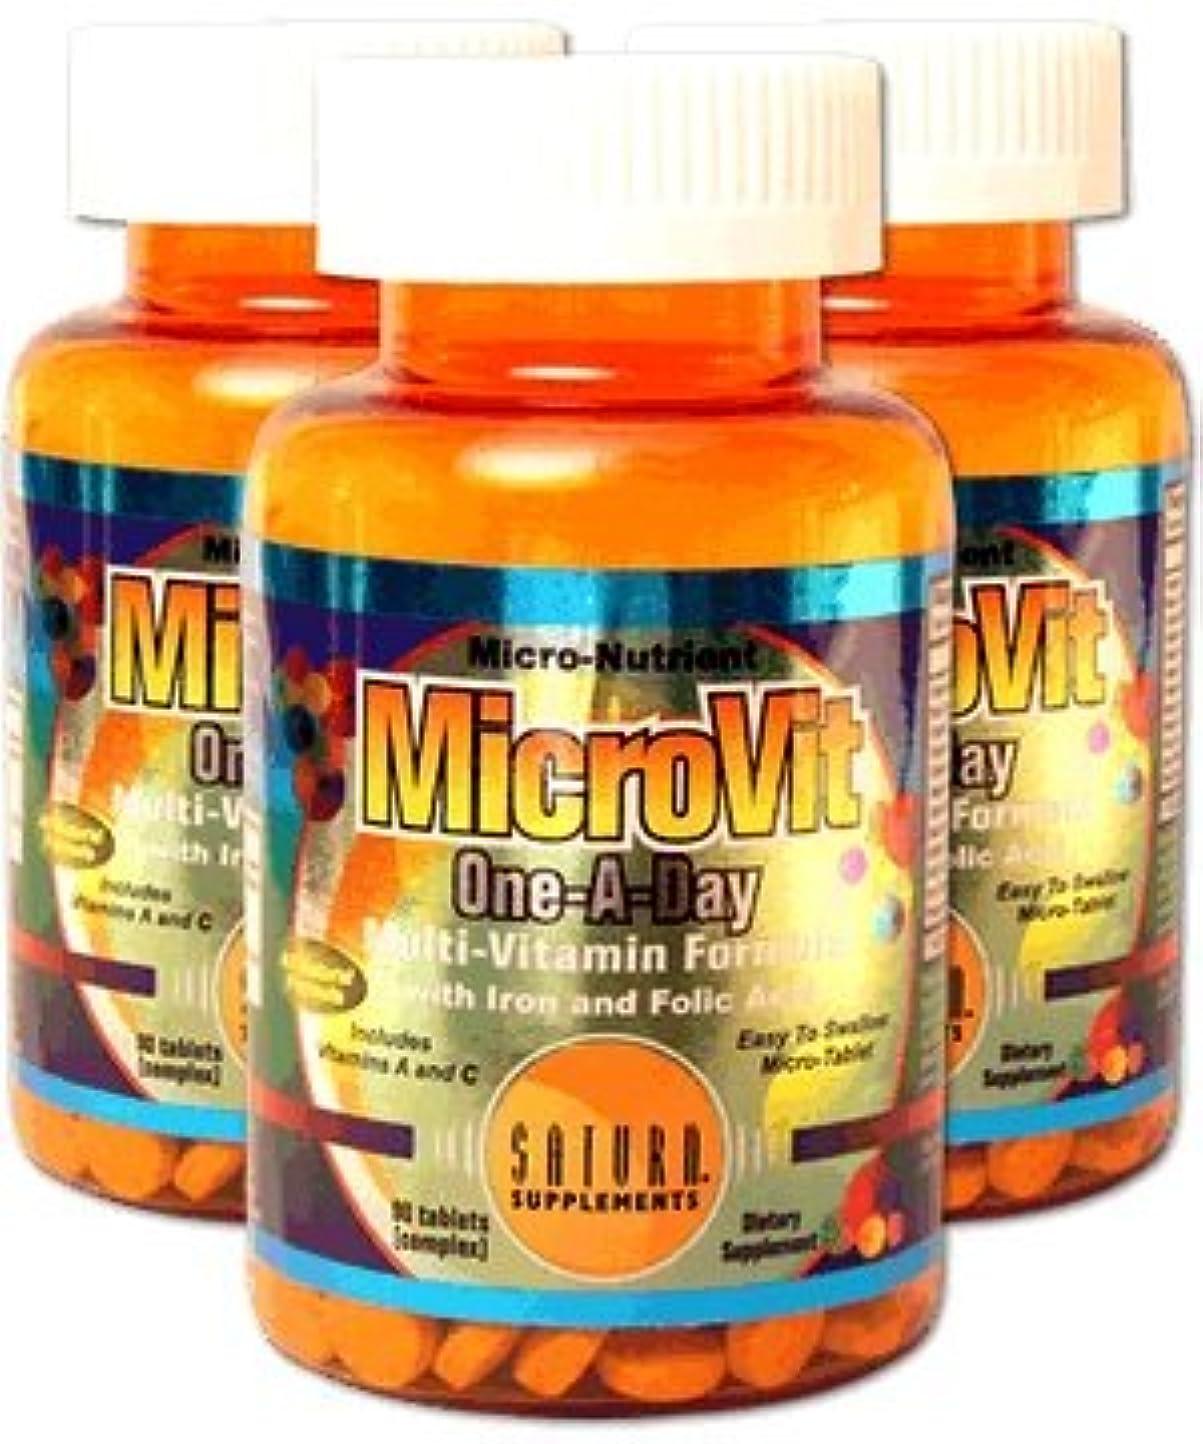 拮抗尾五月Micro Vit/90Tablets2 Bottles Set_ 2本セット 【サターンサプリメント?メーカー/アメリカから直接発送】 マイクロビット 90錠